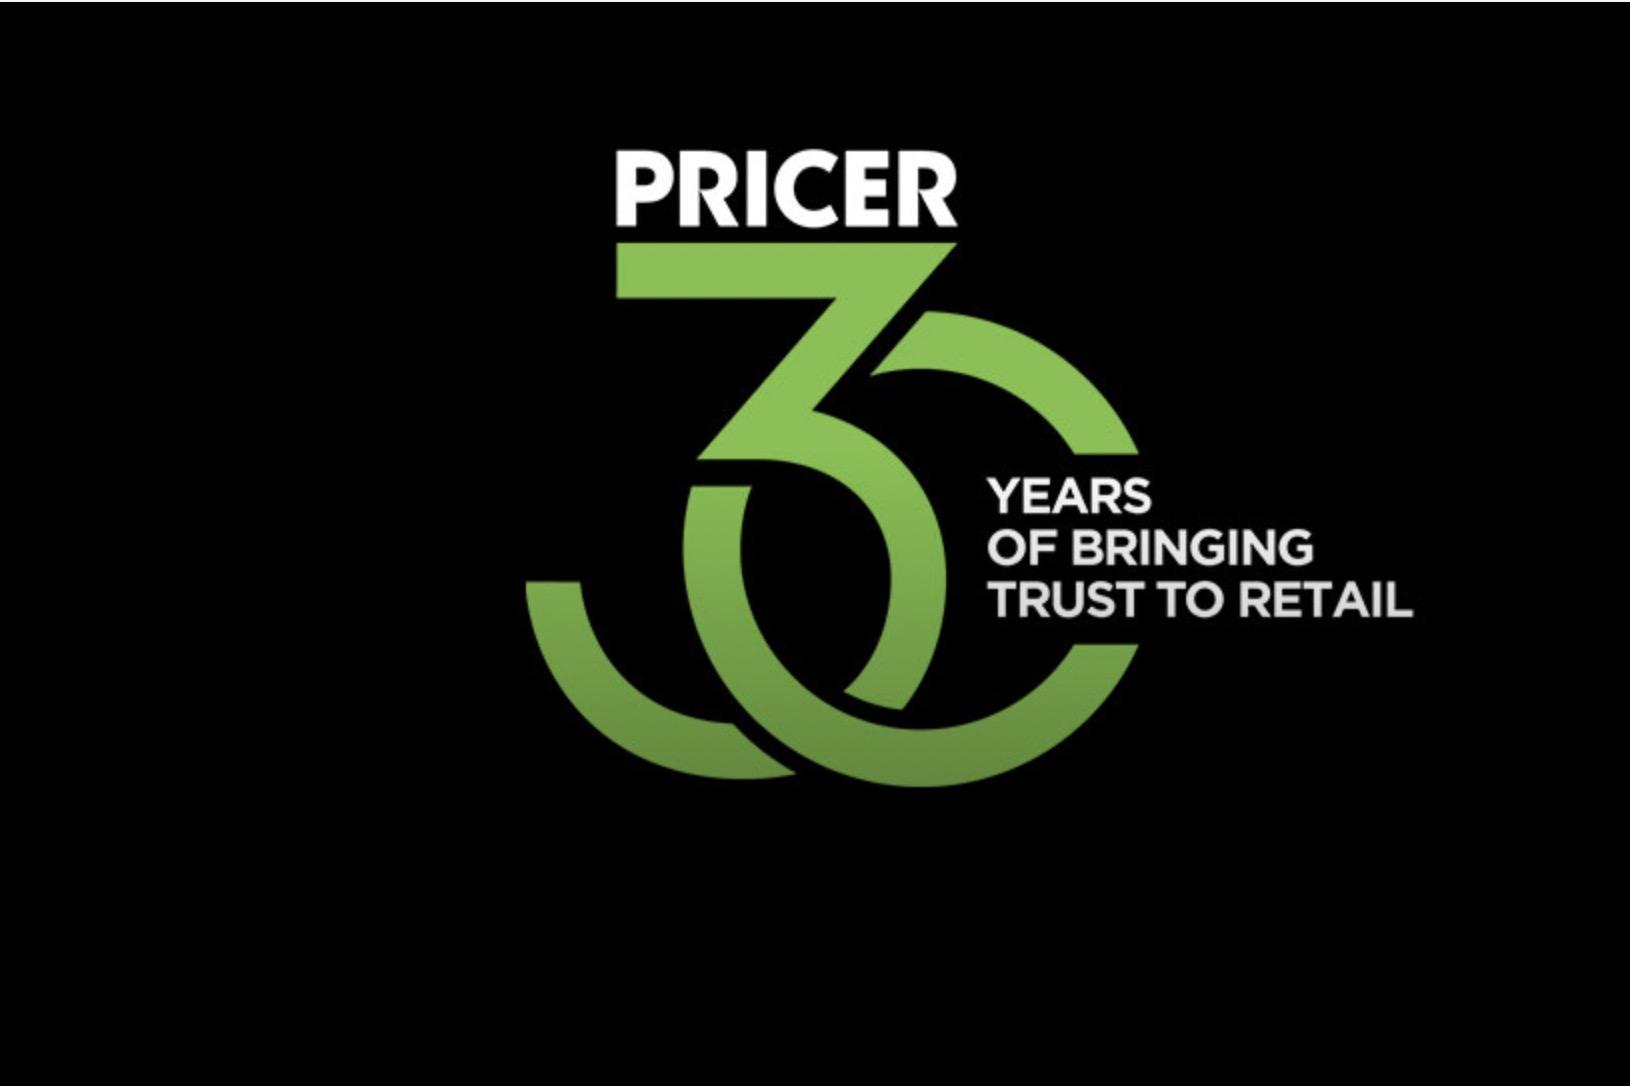 30 років довіри до роздрібної торгівлі